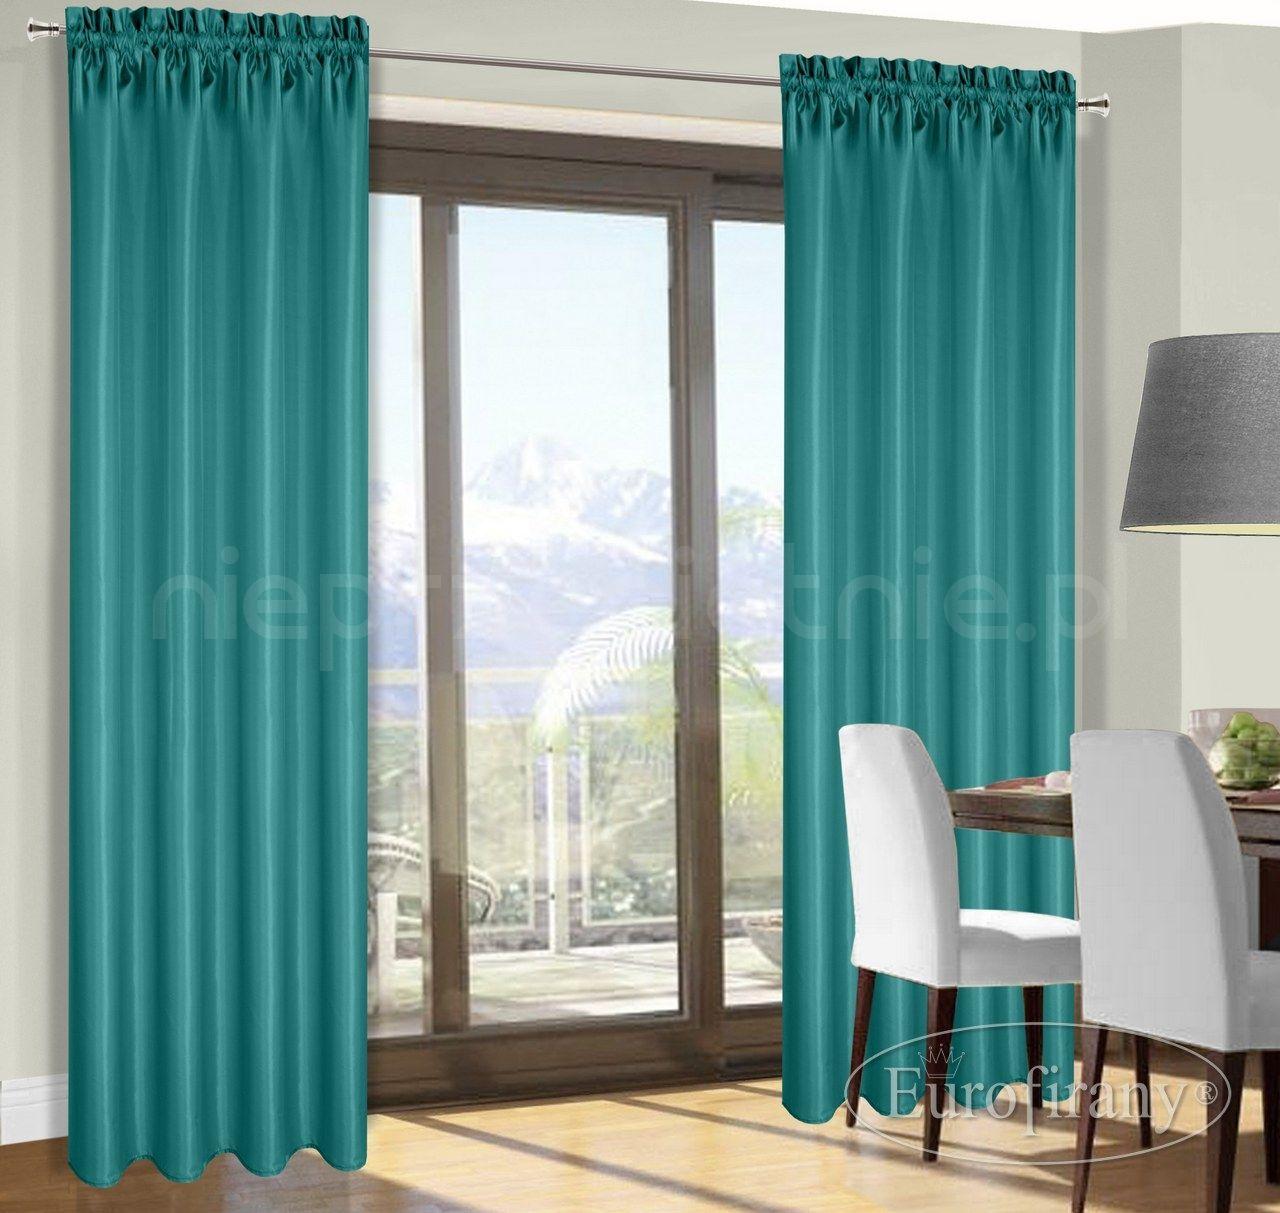 Zaslona Zaslony Gotowe 140x250 Eurofirany 5107035689 Oficjalne Archiwum Allegro Home Decor Curtains Home